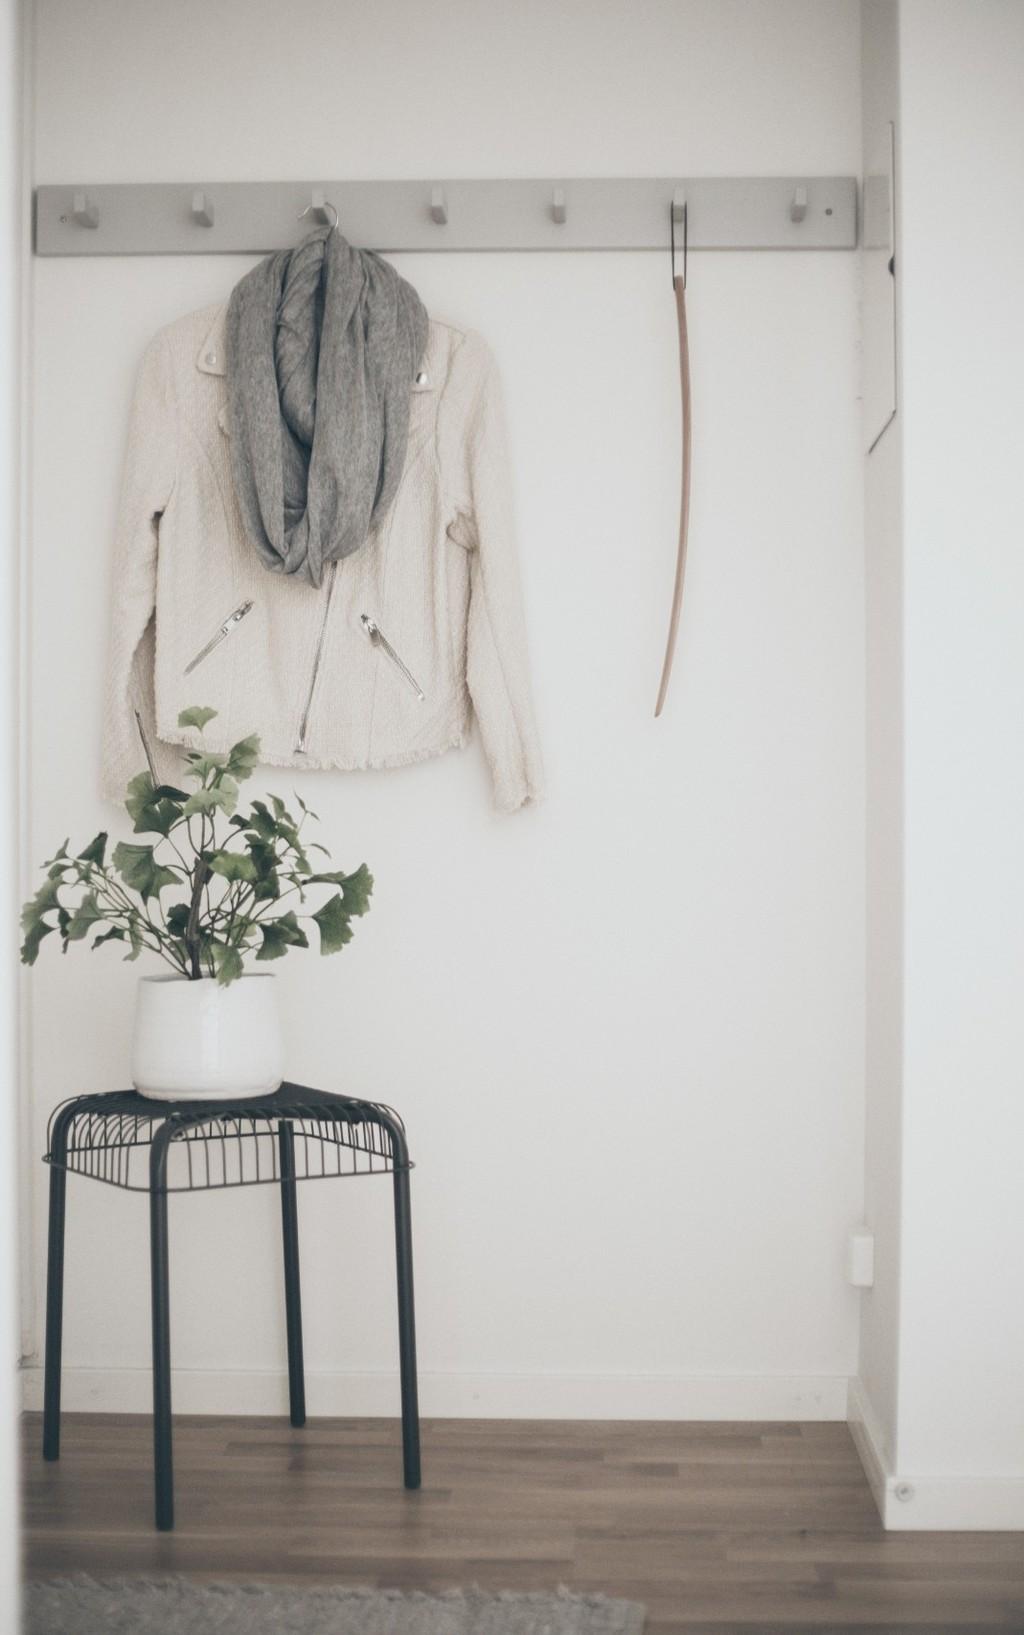 ljusgrå kroklist med skoho och jacka, svart pall med en vit kruka